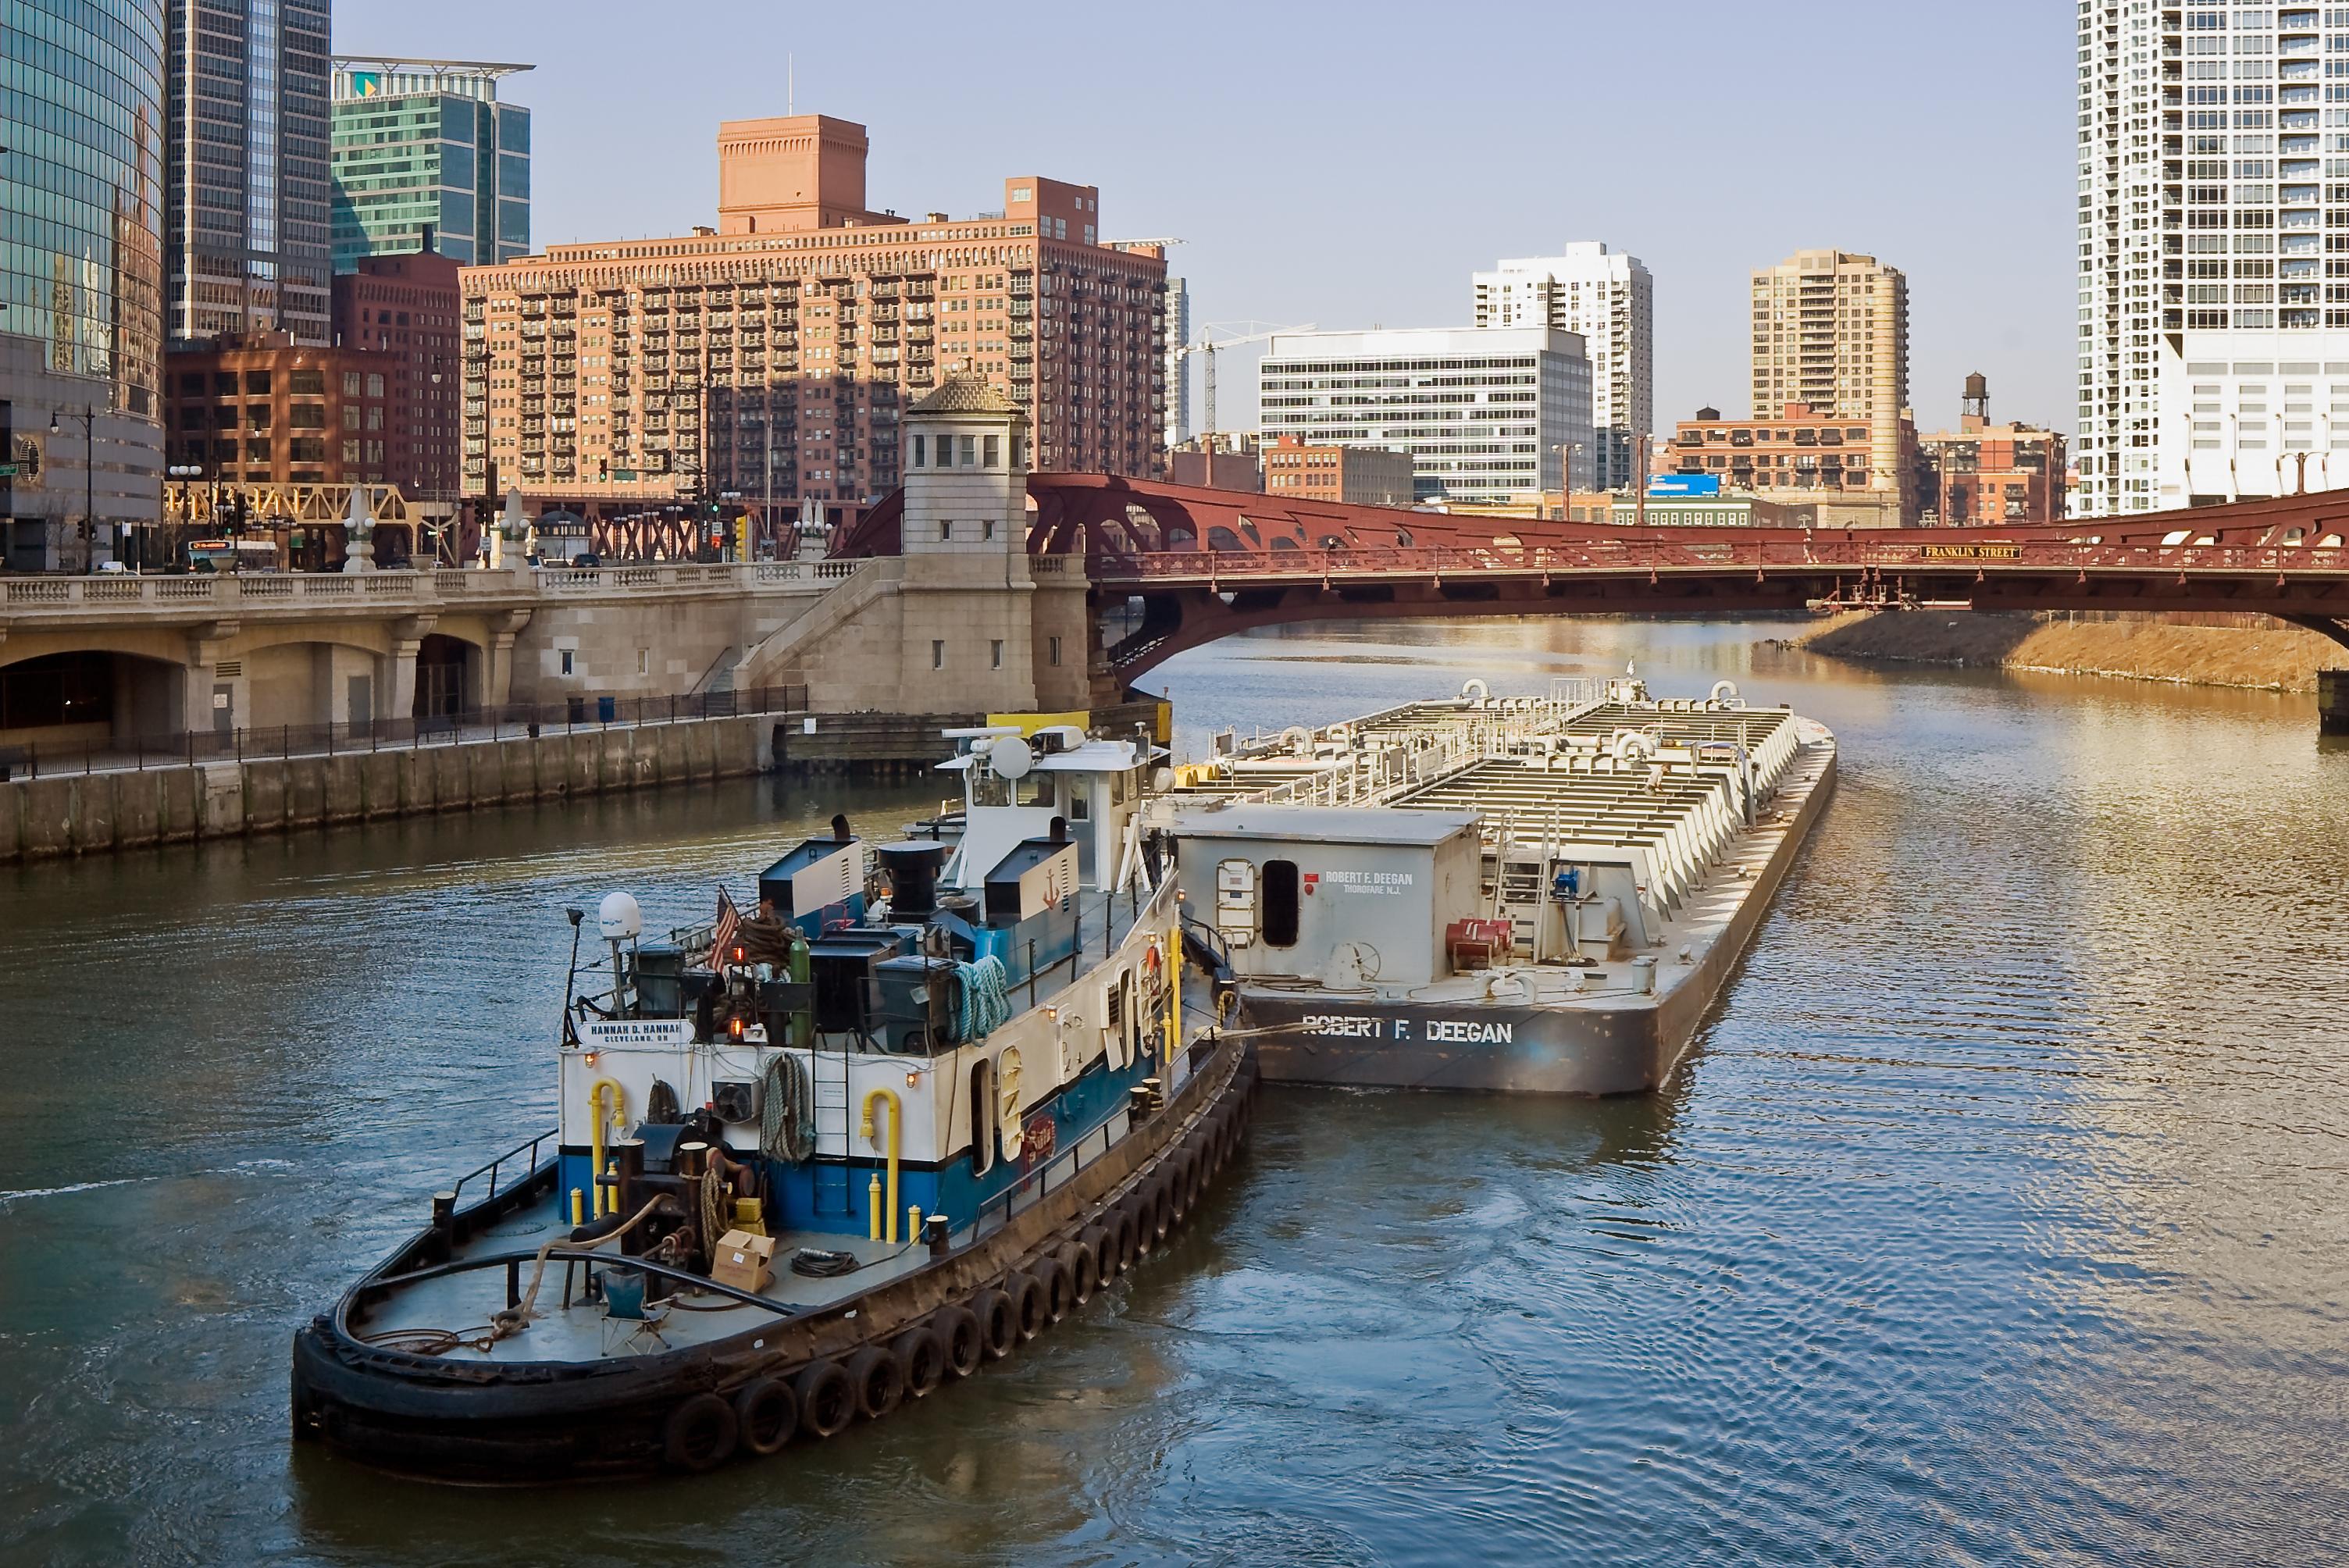 owboatpushingabargeonthehicagoiver